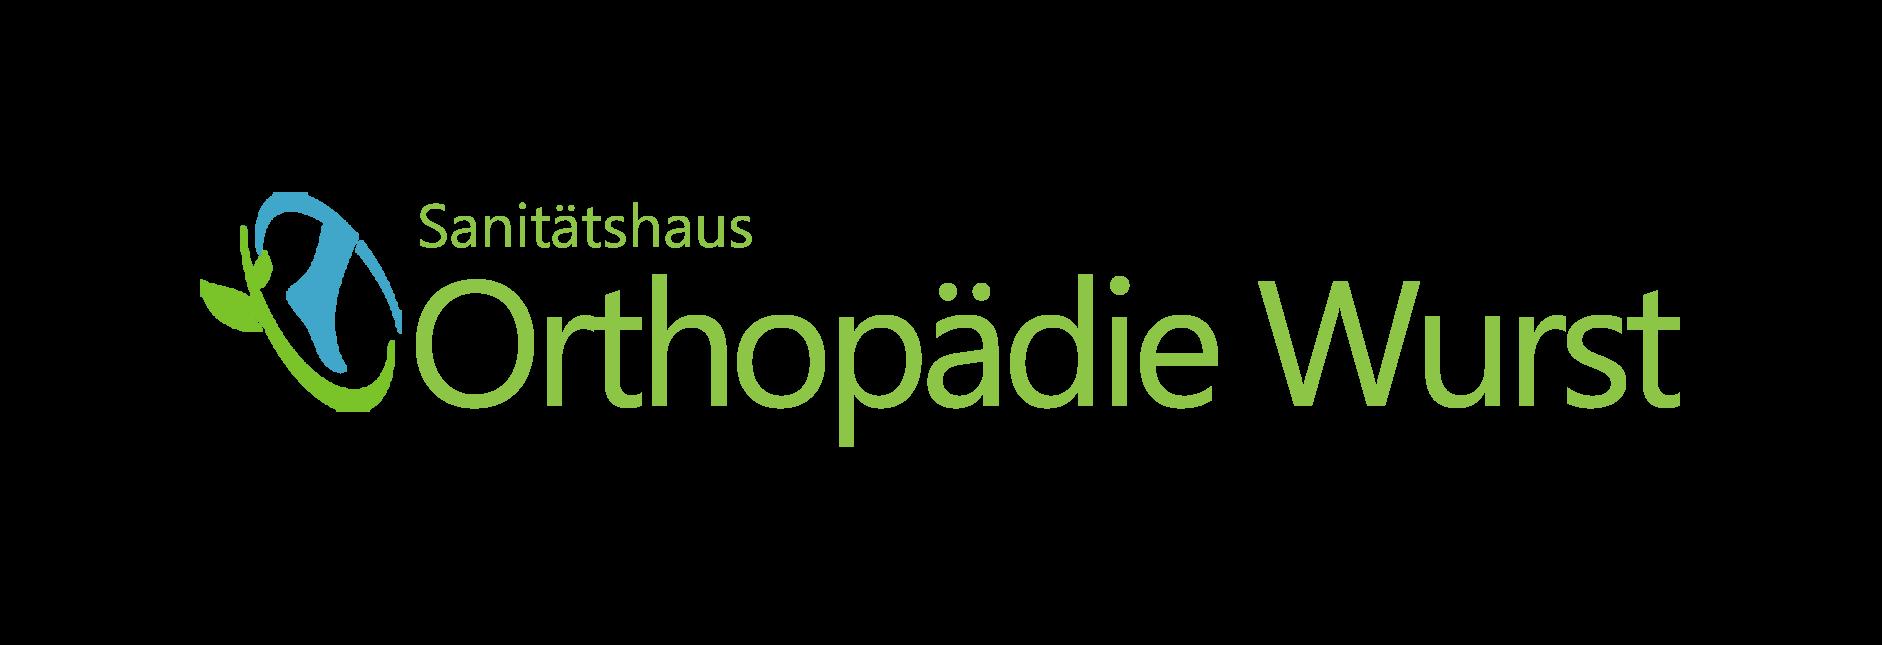 logo_sanitaetshaus-orthopaedie-wurst